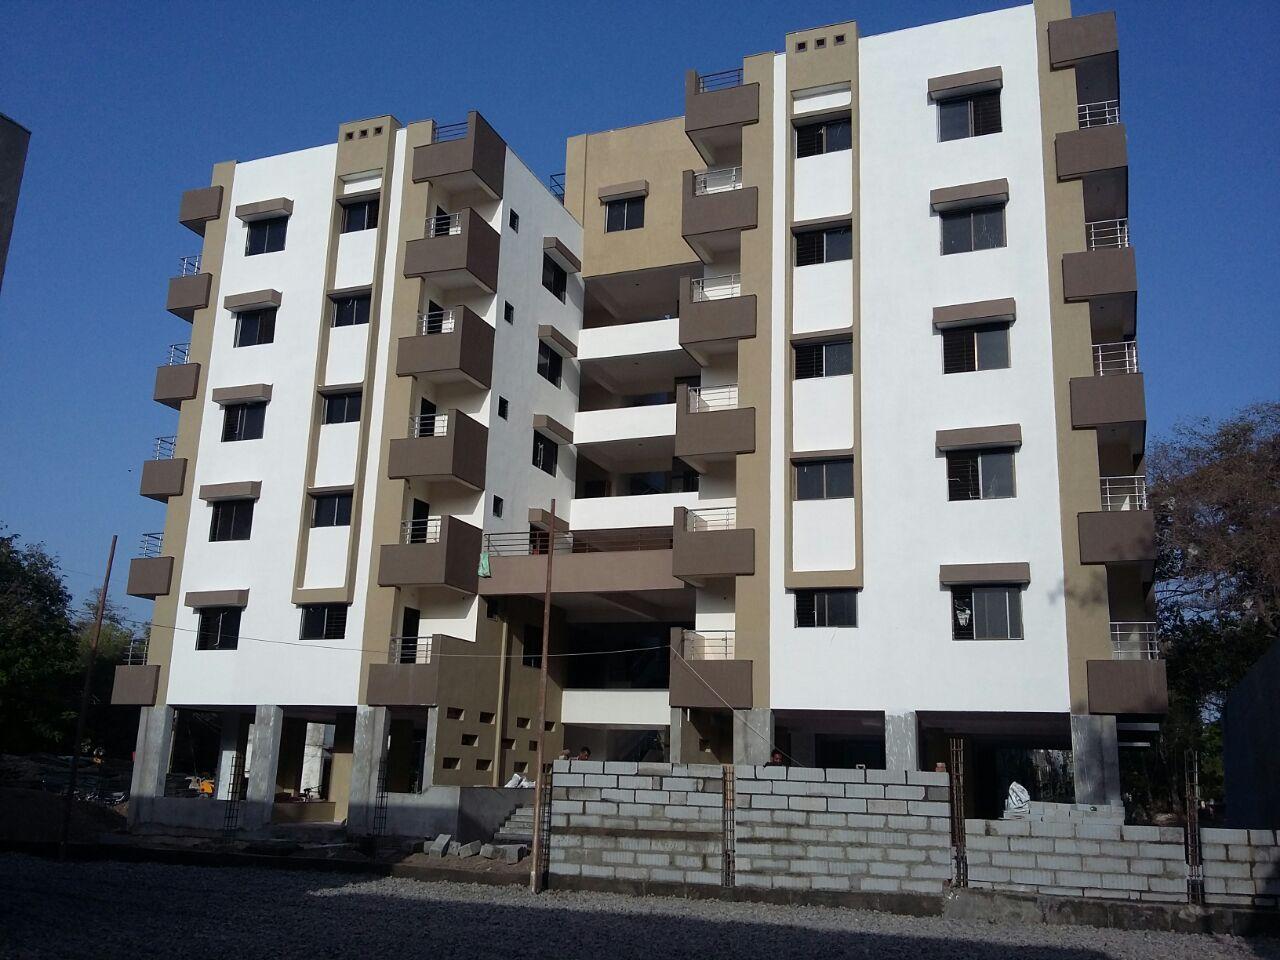 80 Koleksi City Civic Center Jamnagar HD